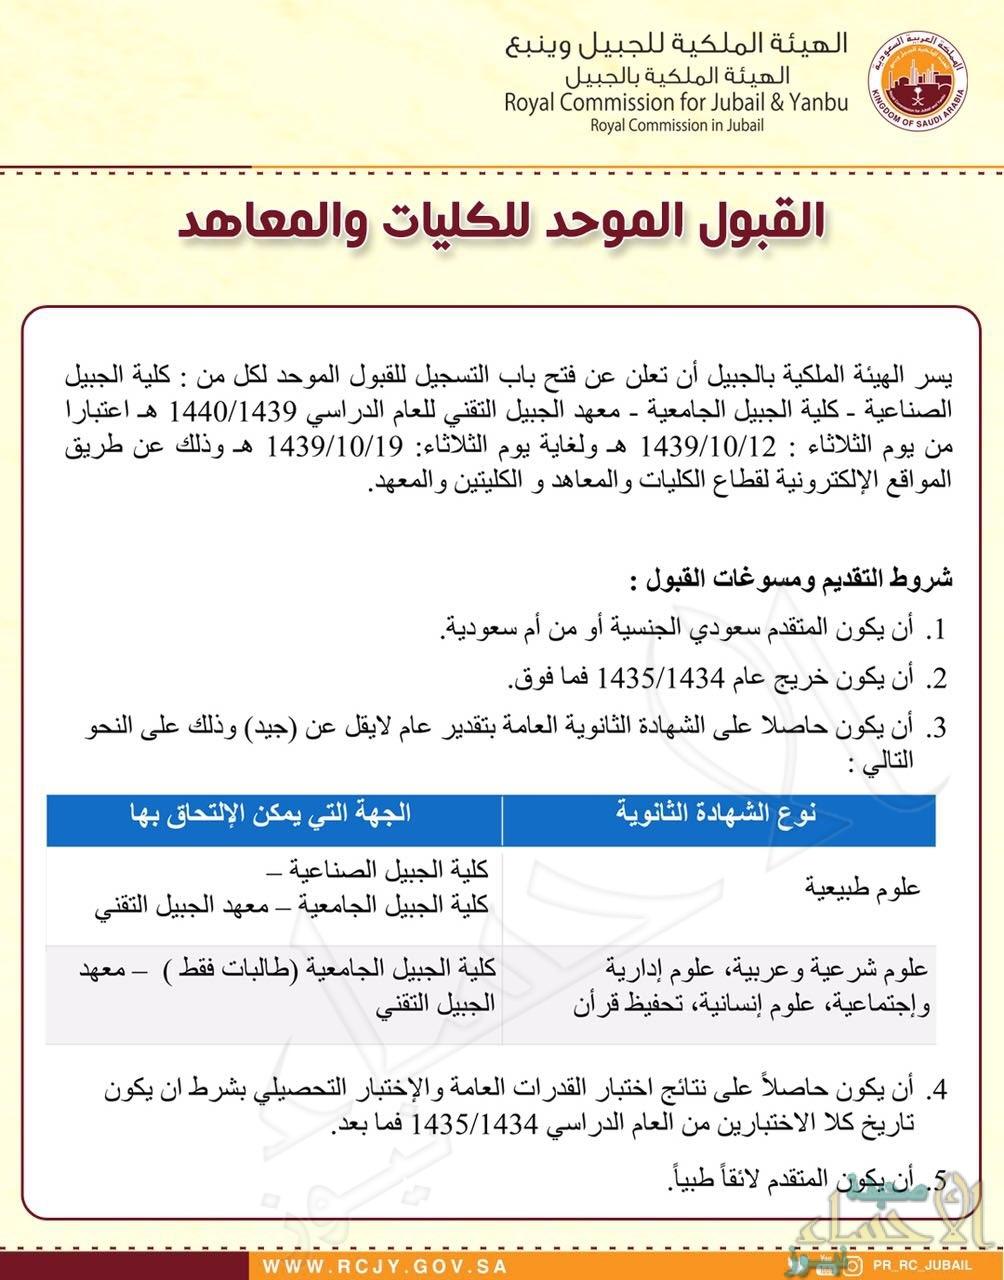 فتح باب التسجيل الموحد لكليات ومعاهد الهيئة الملكية بالجبيل صحيفة الأحساء نيوز